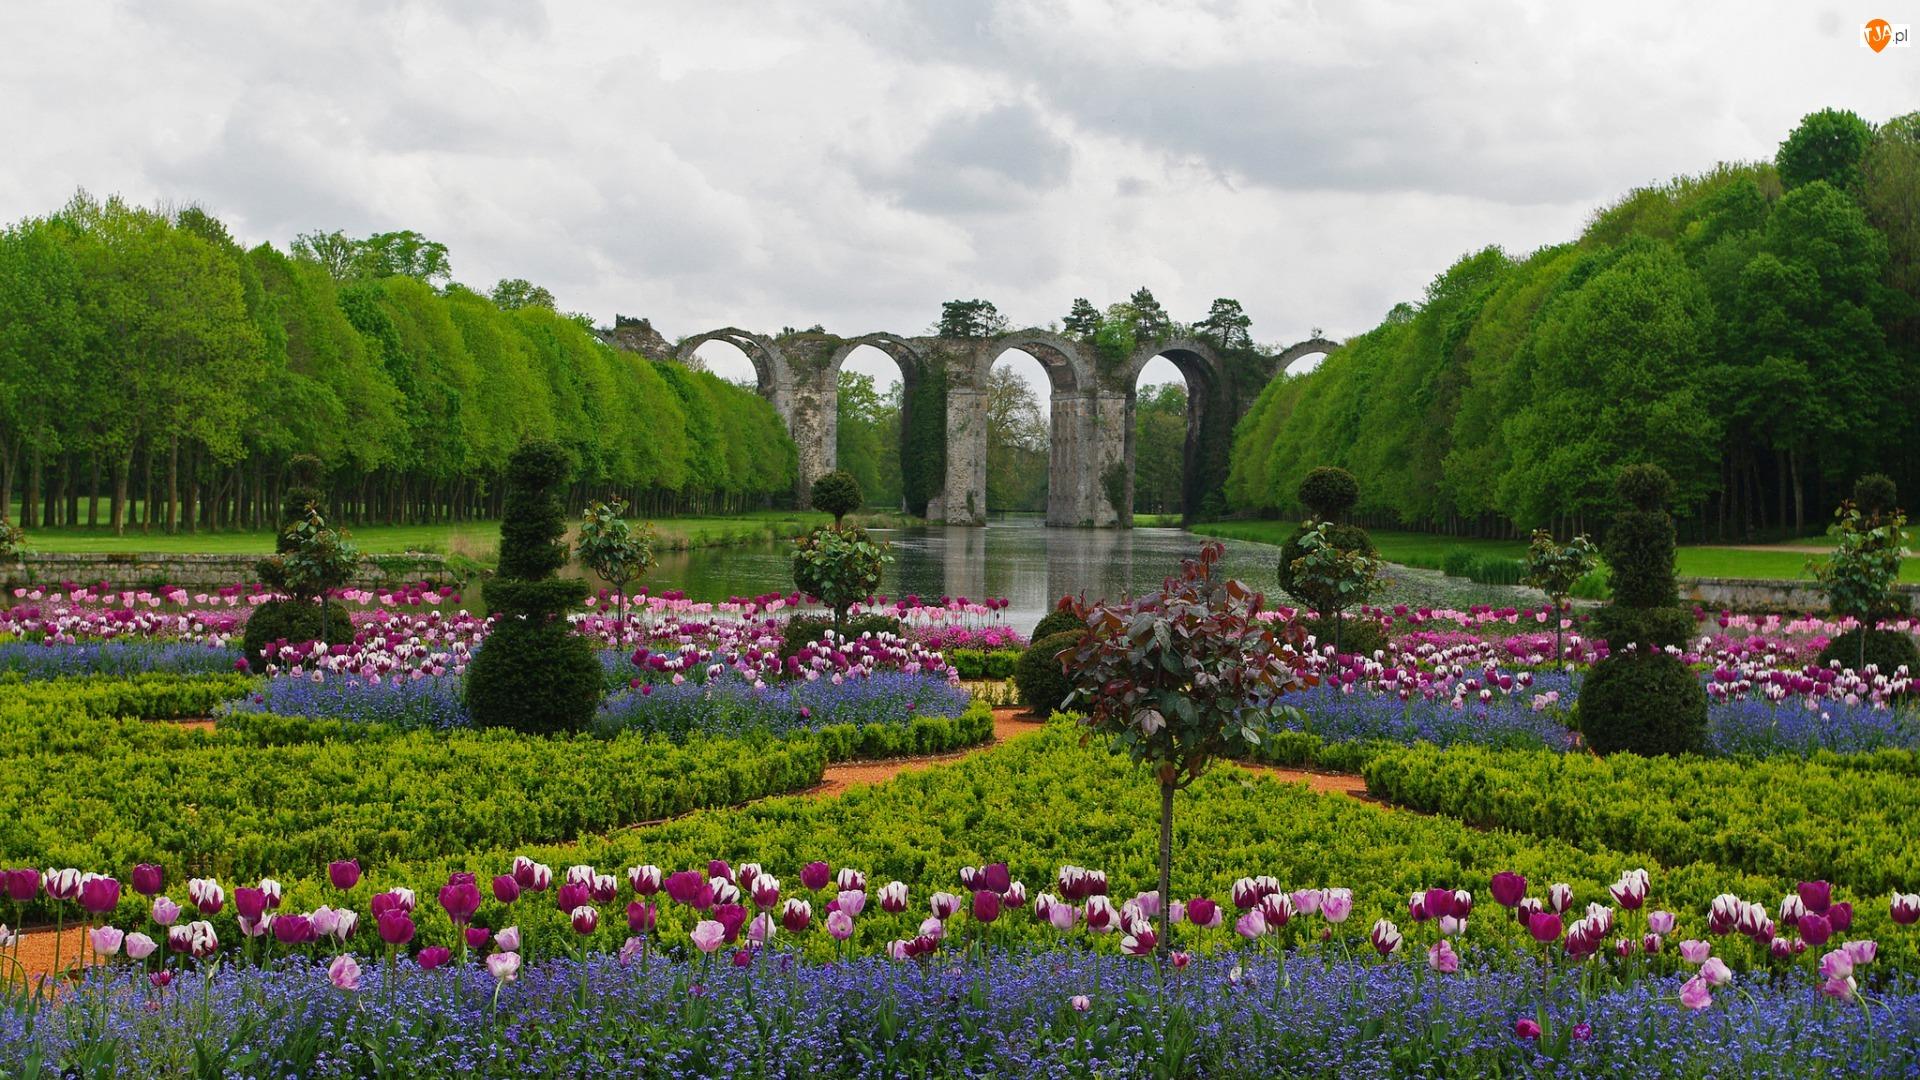 Tulipany, Staw, Niezapominajki, Paryż, Park, Francja, Kwiaty, Wersal, Most